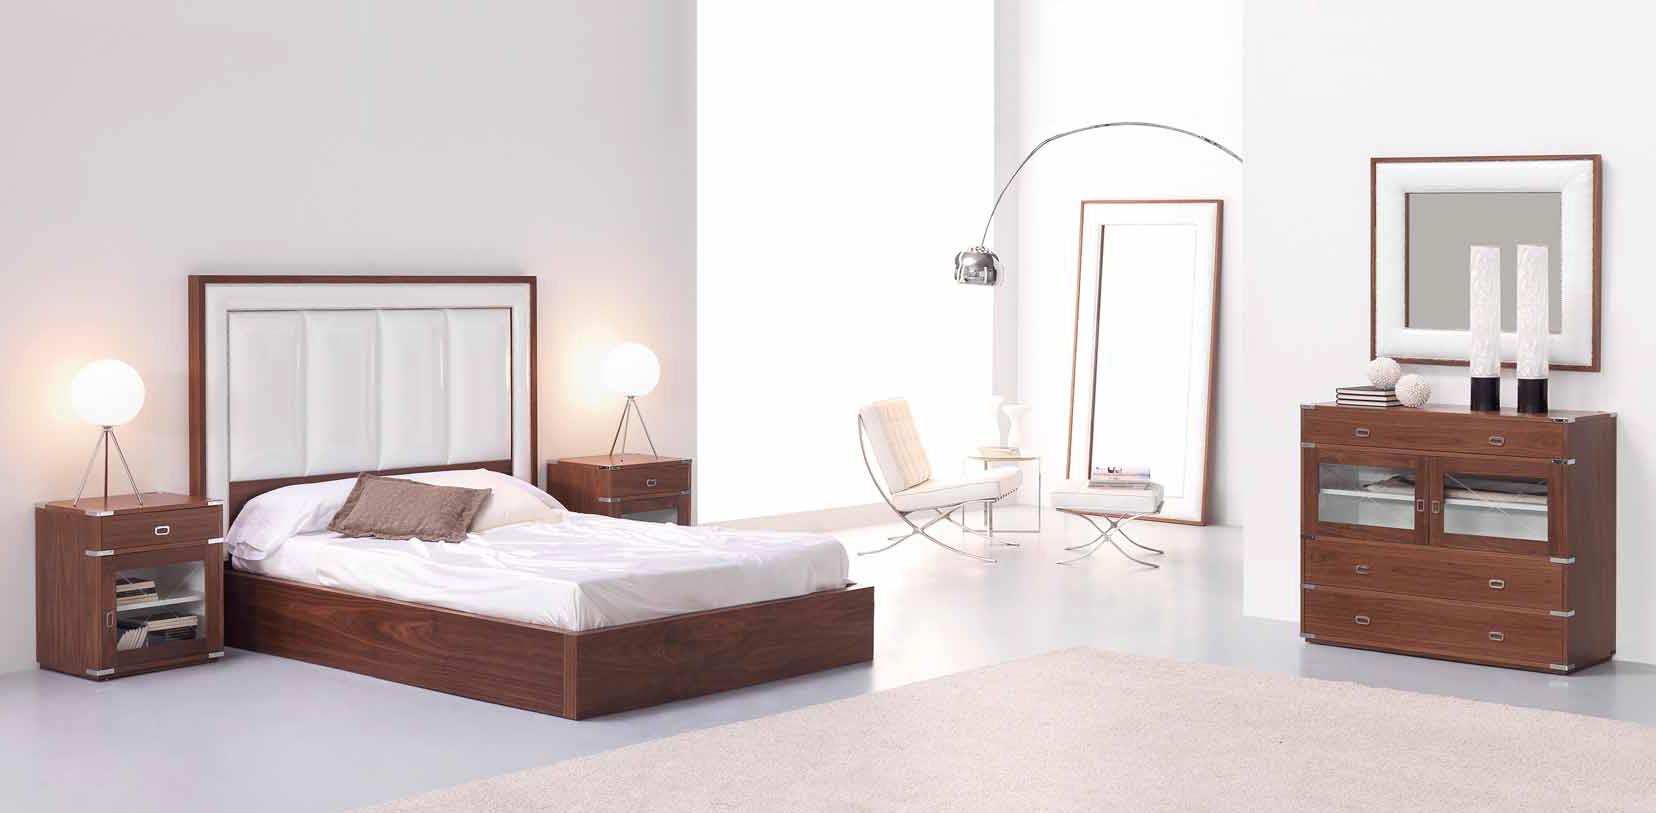 El blanco ideal para la cama villalba interiorismo - Villalba interiorismo ...